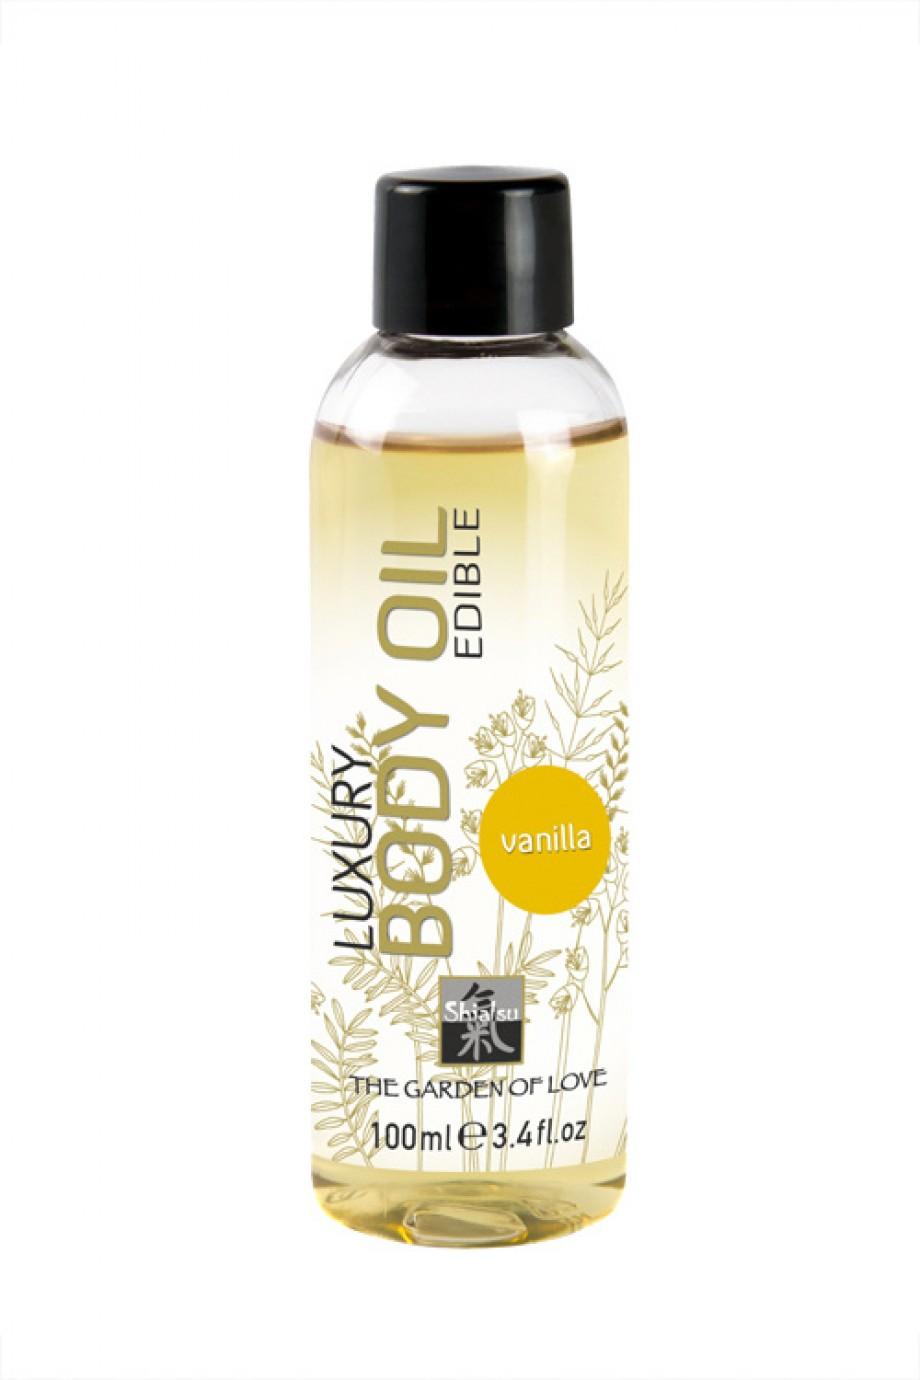 Съедобное масло для тела с ароматом ванили 100 мл